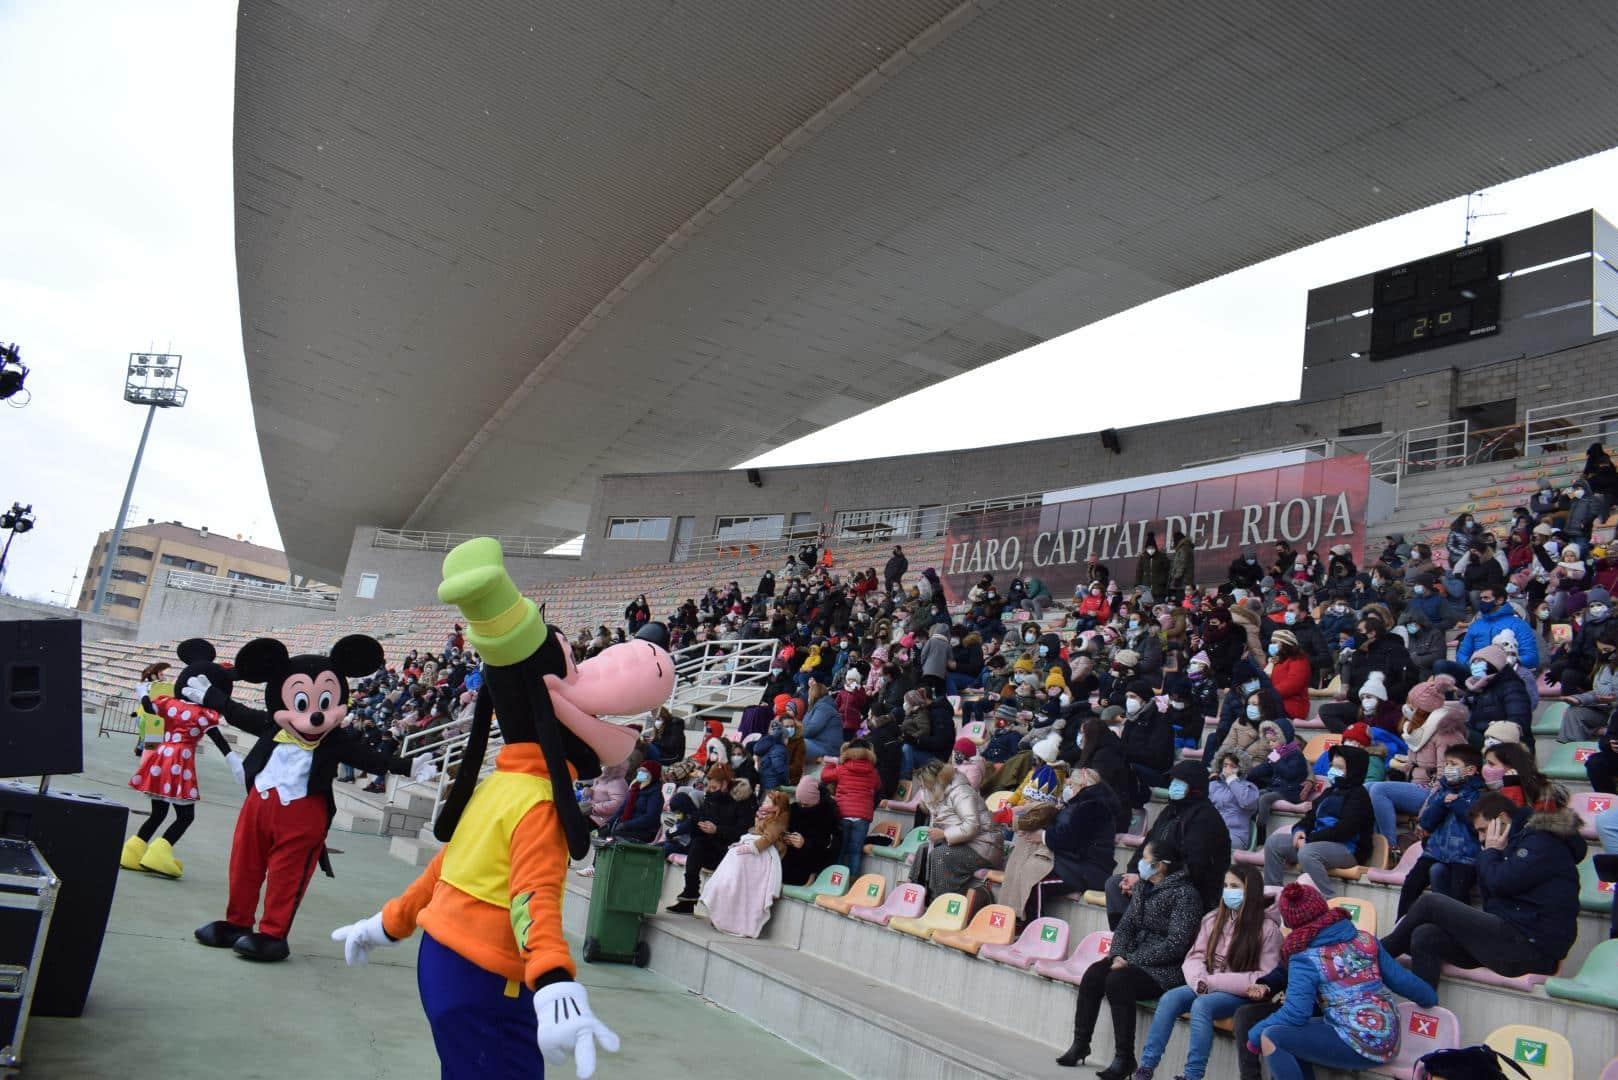 FOTOS: La magia de los Reyes Magos llega a Haro 24